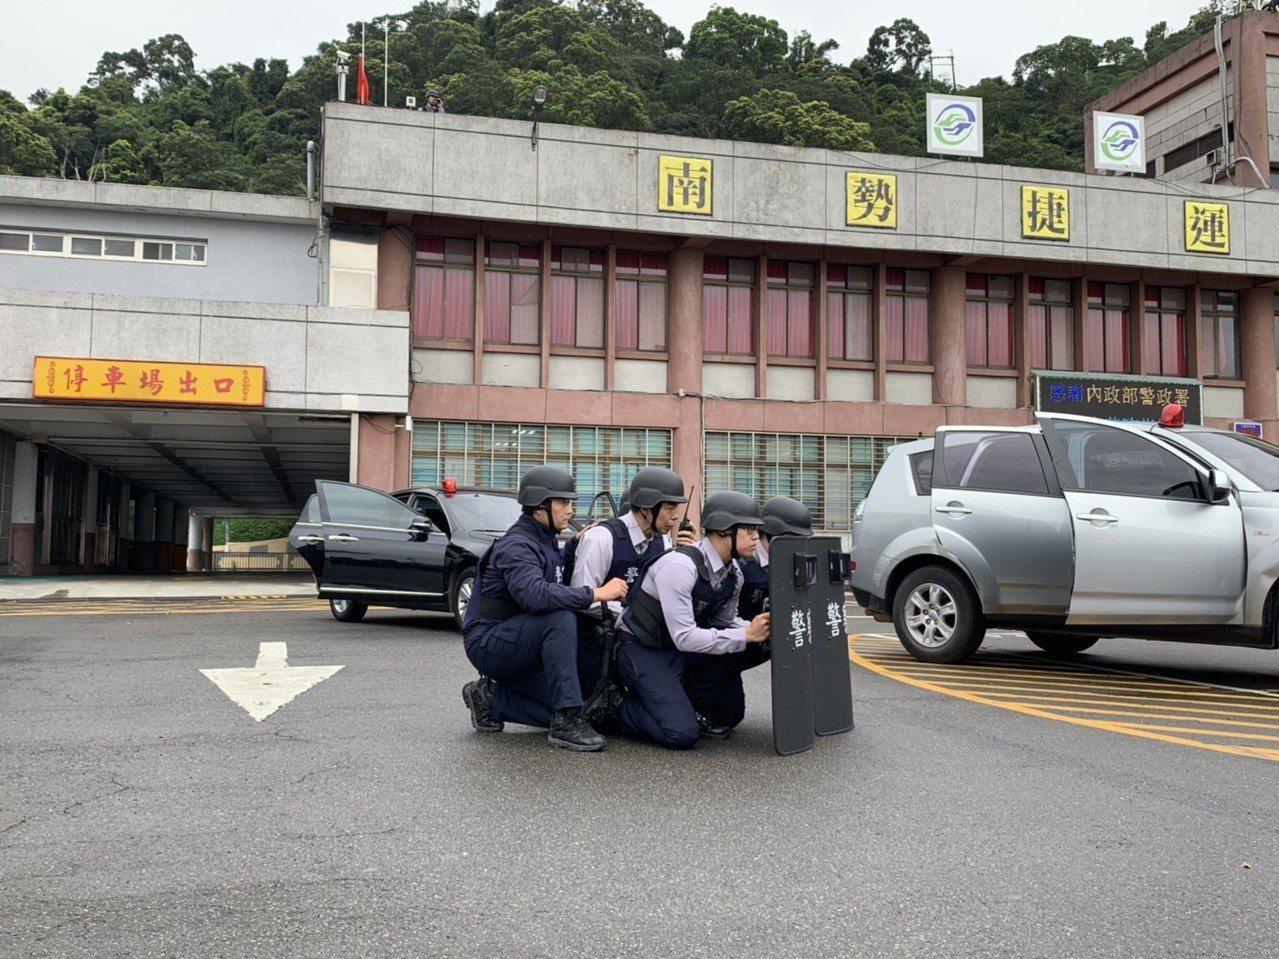 為了精進員警反恐作為,新北市警中和分局今天下午3時在知名烘爐地土地公廟的立體停車...